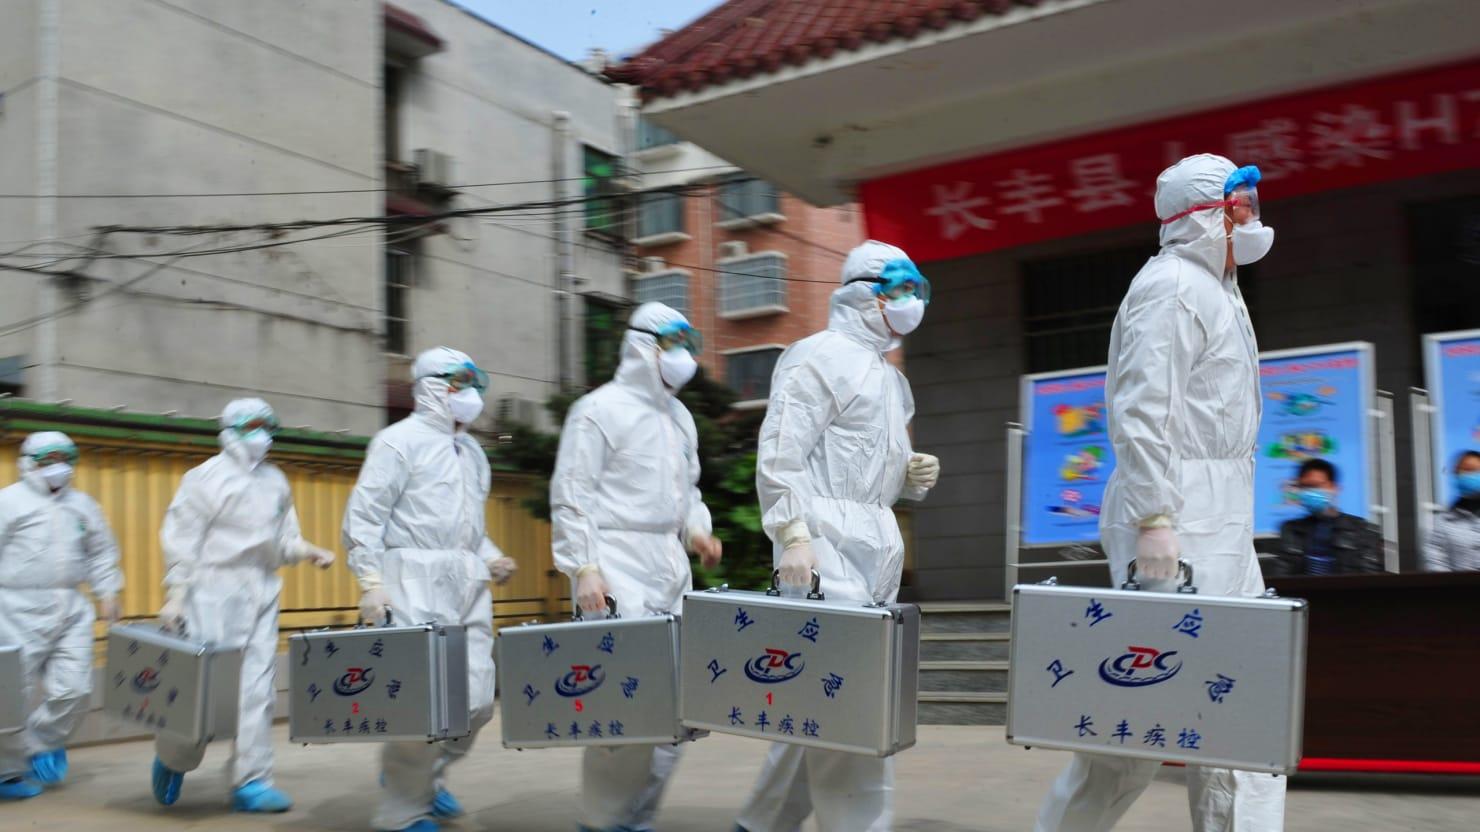 A Scarier Bird Flu: CDC Chief Warns of Looming H7N9 Threat